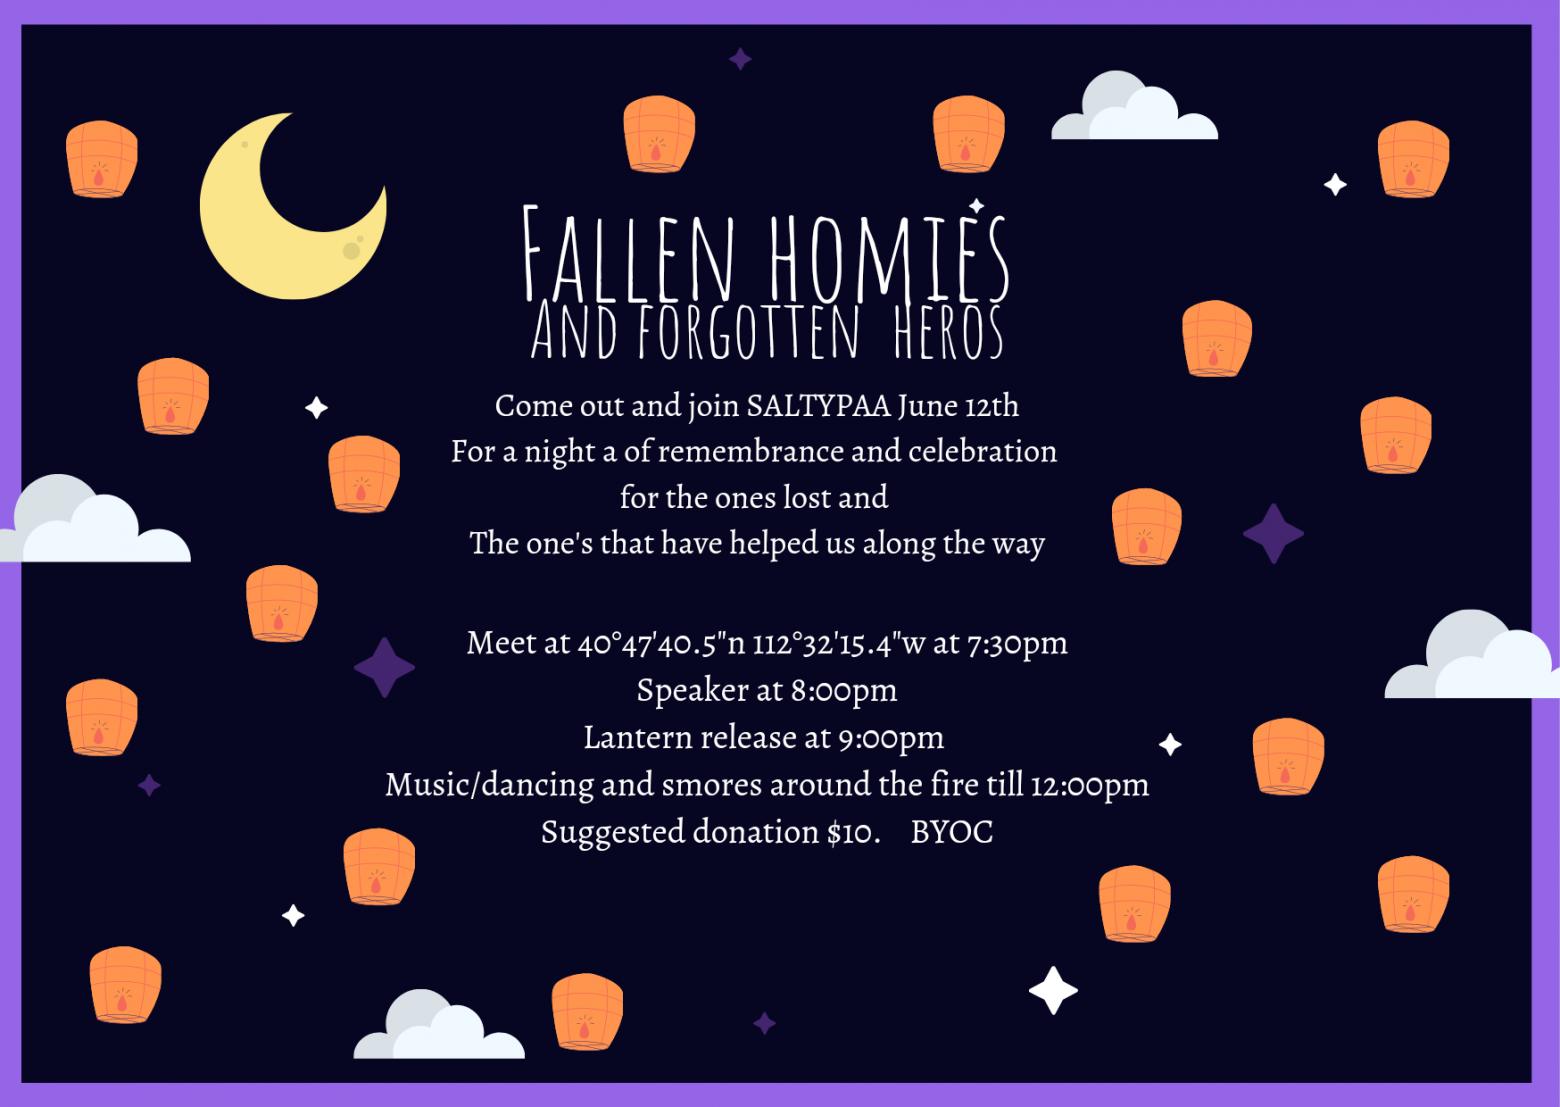 Fallen Homies and Forgotten Heroes Event 6/12/21